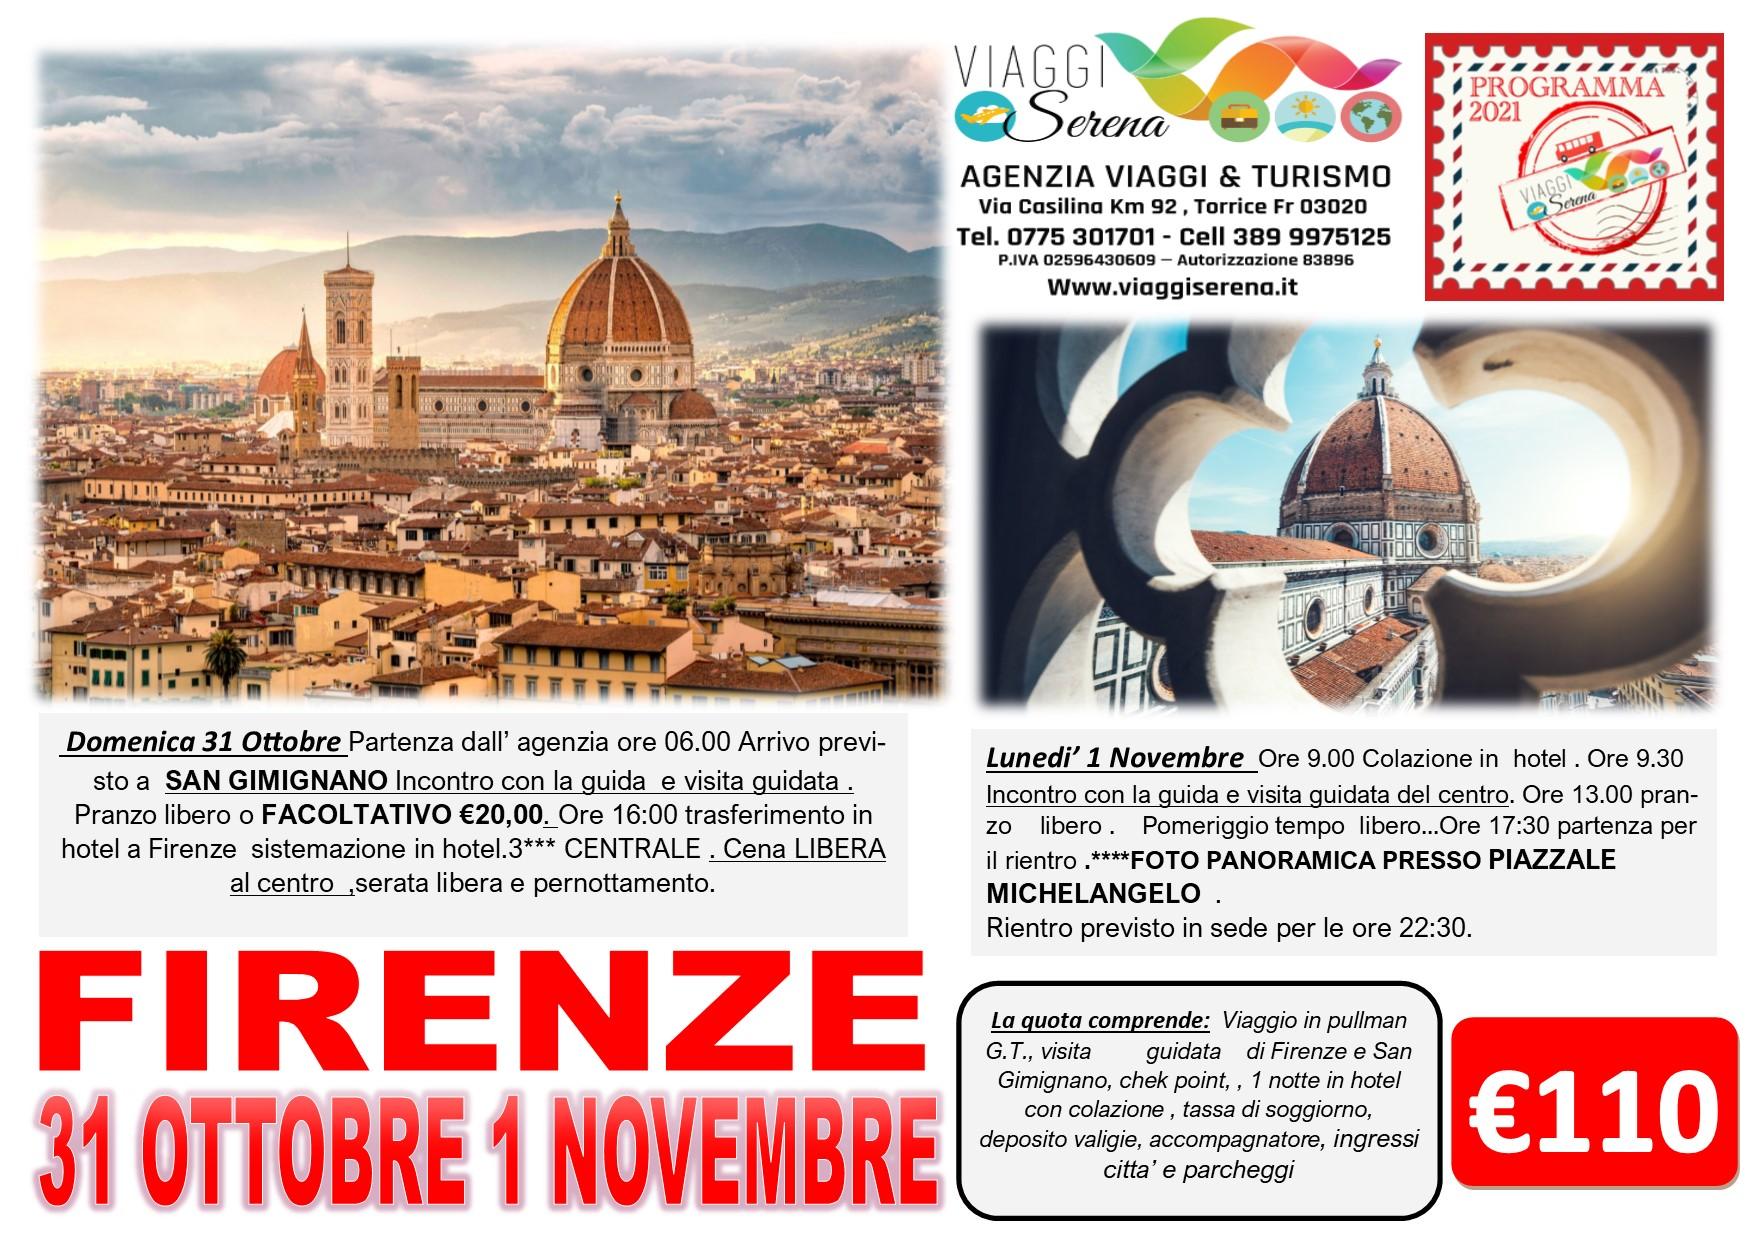 Viaggi di Gruppo: Firenze e San Gimignano 31 Ottobre -1 Novembre € 110,00